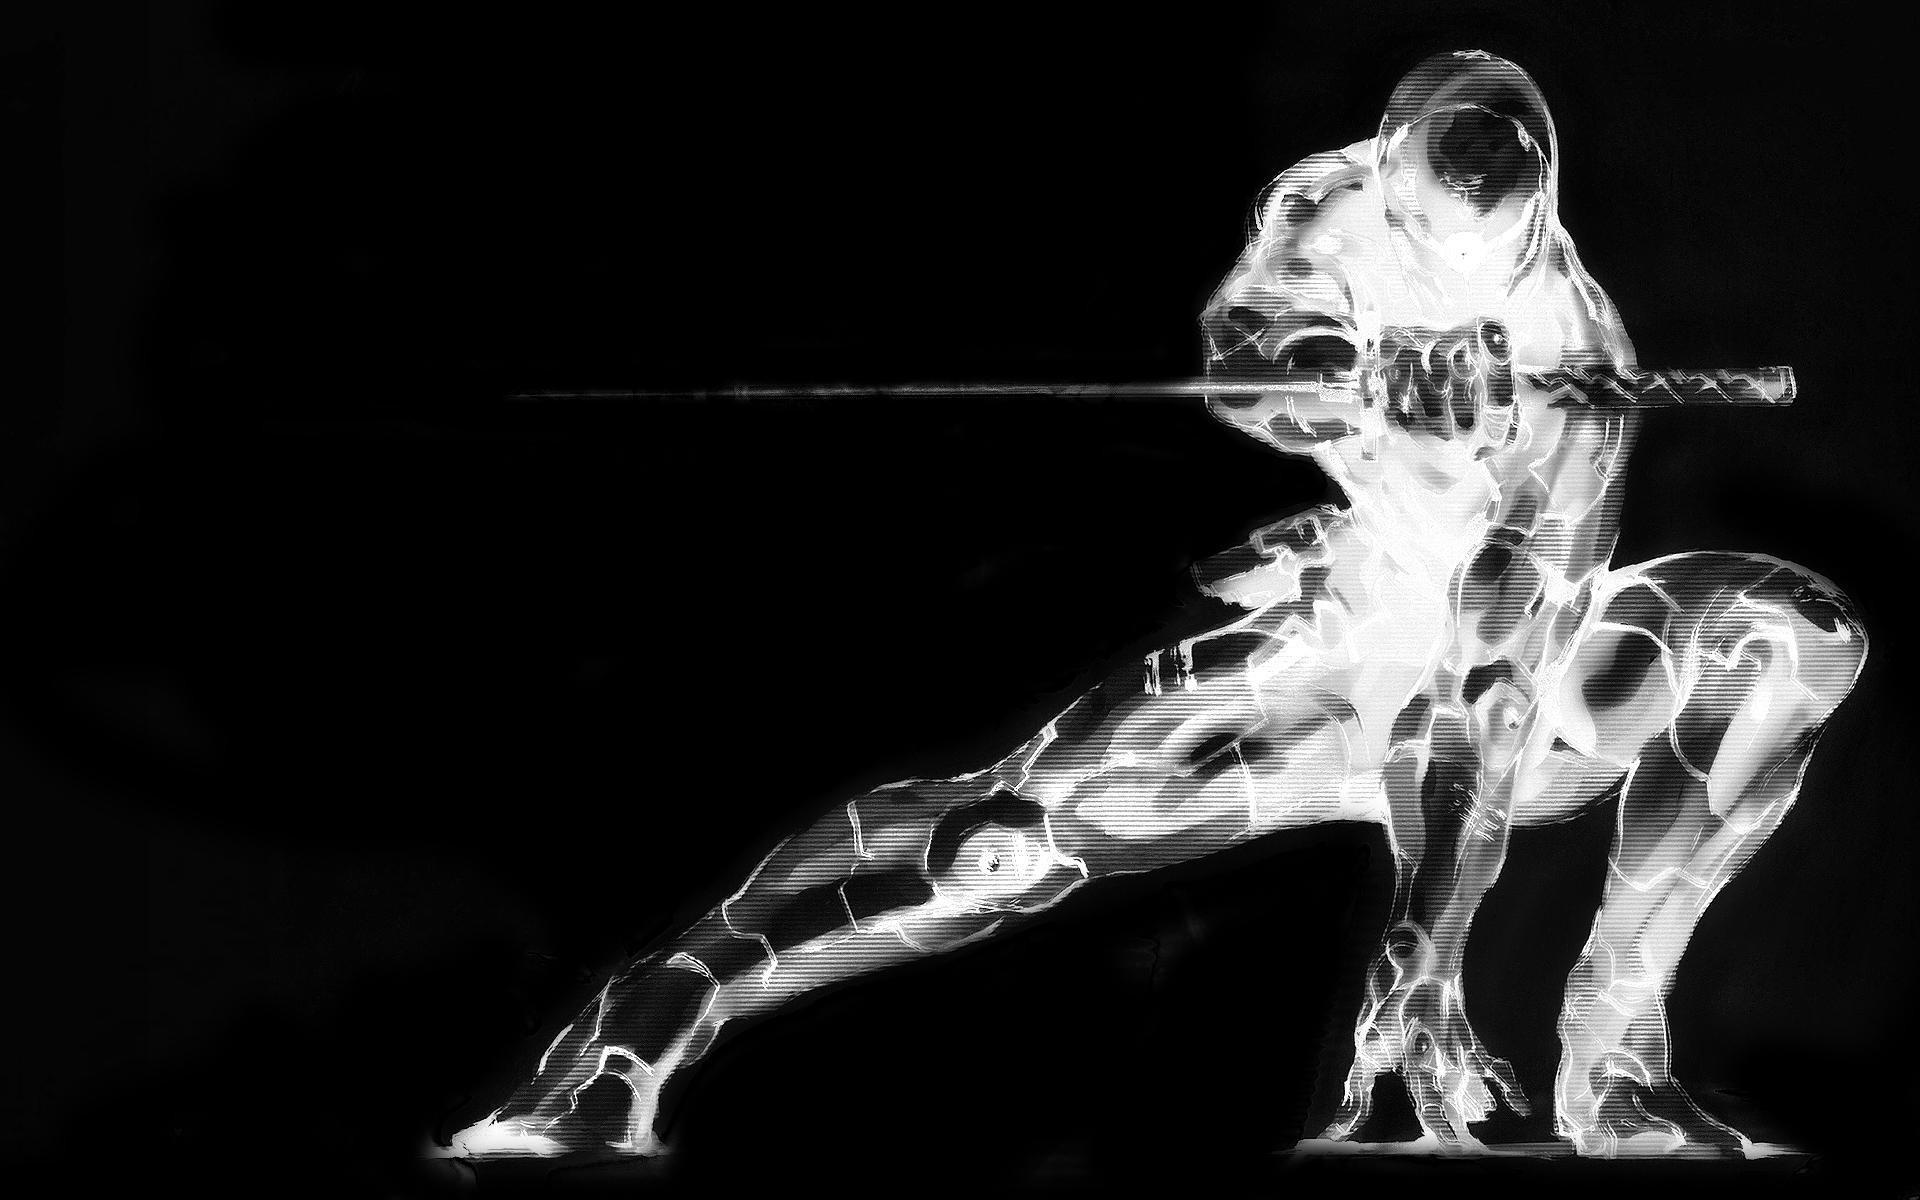 ninja-black-and-white-wallpaper-full HD-digital art-